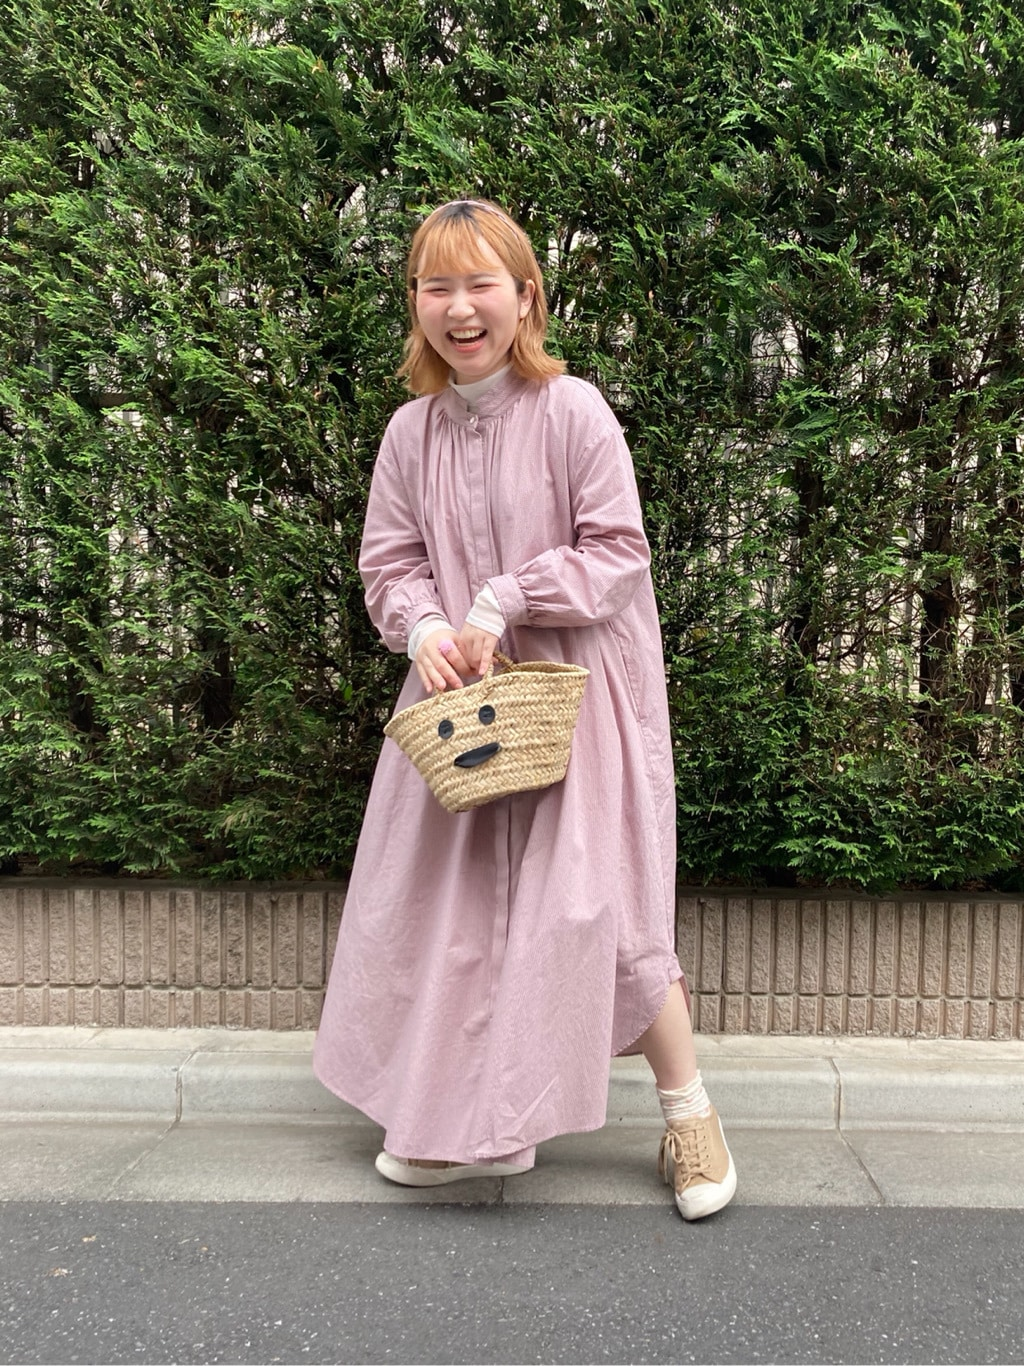 東京スカイツリータウン・ソラマチ 2021.04.21